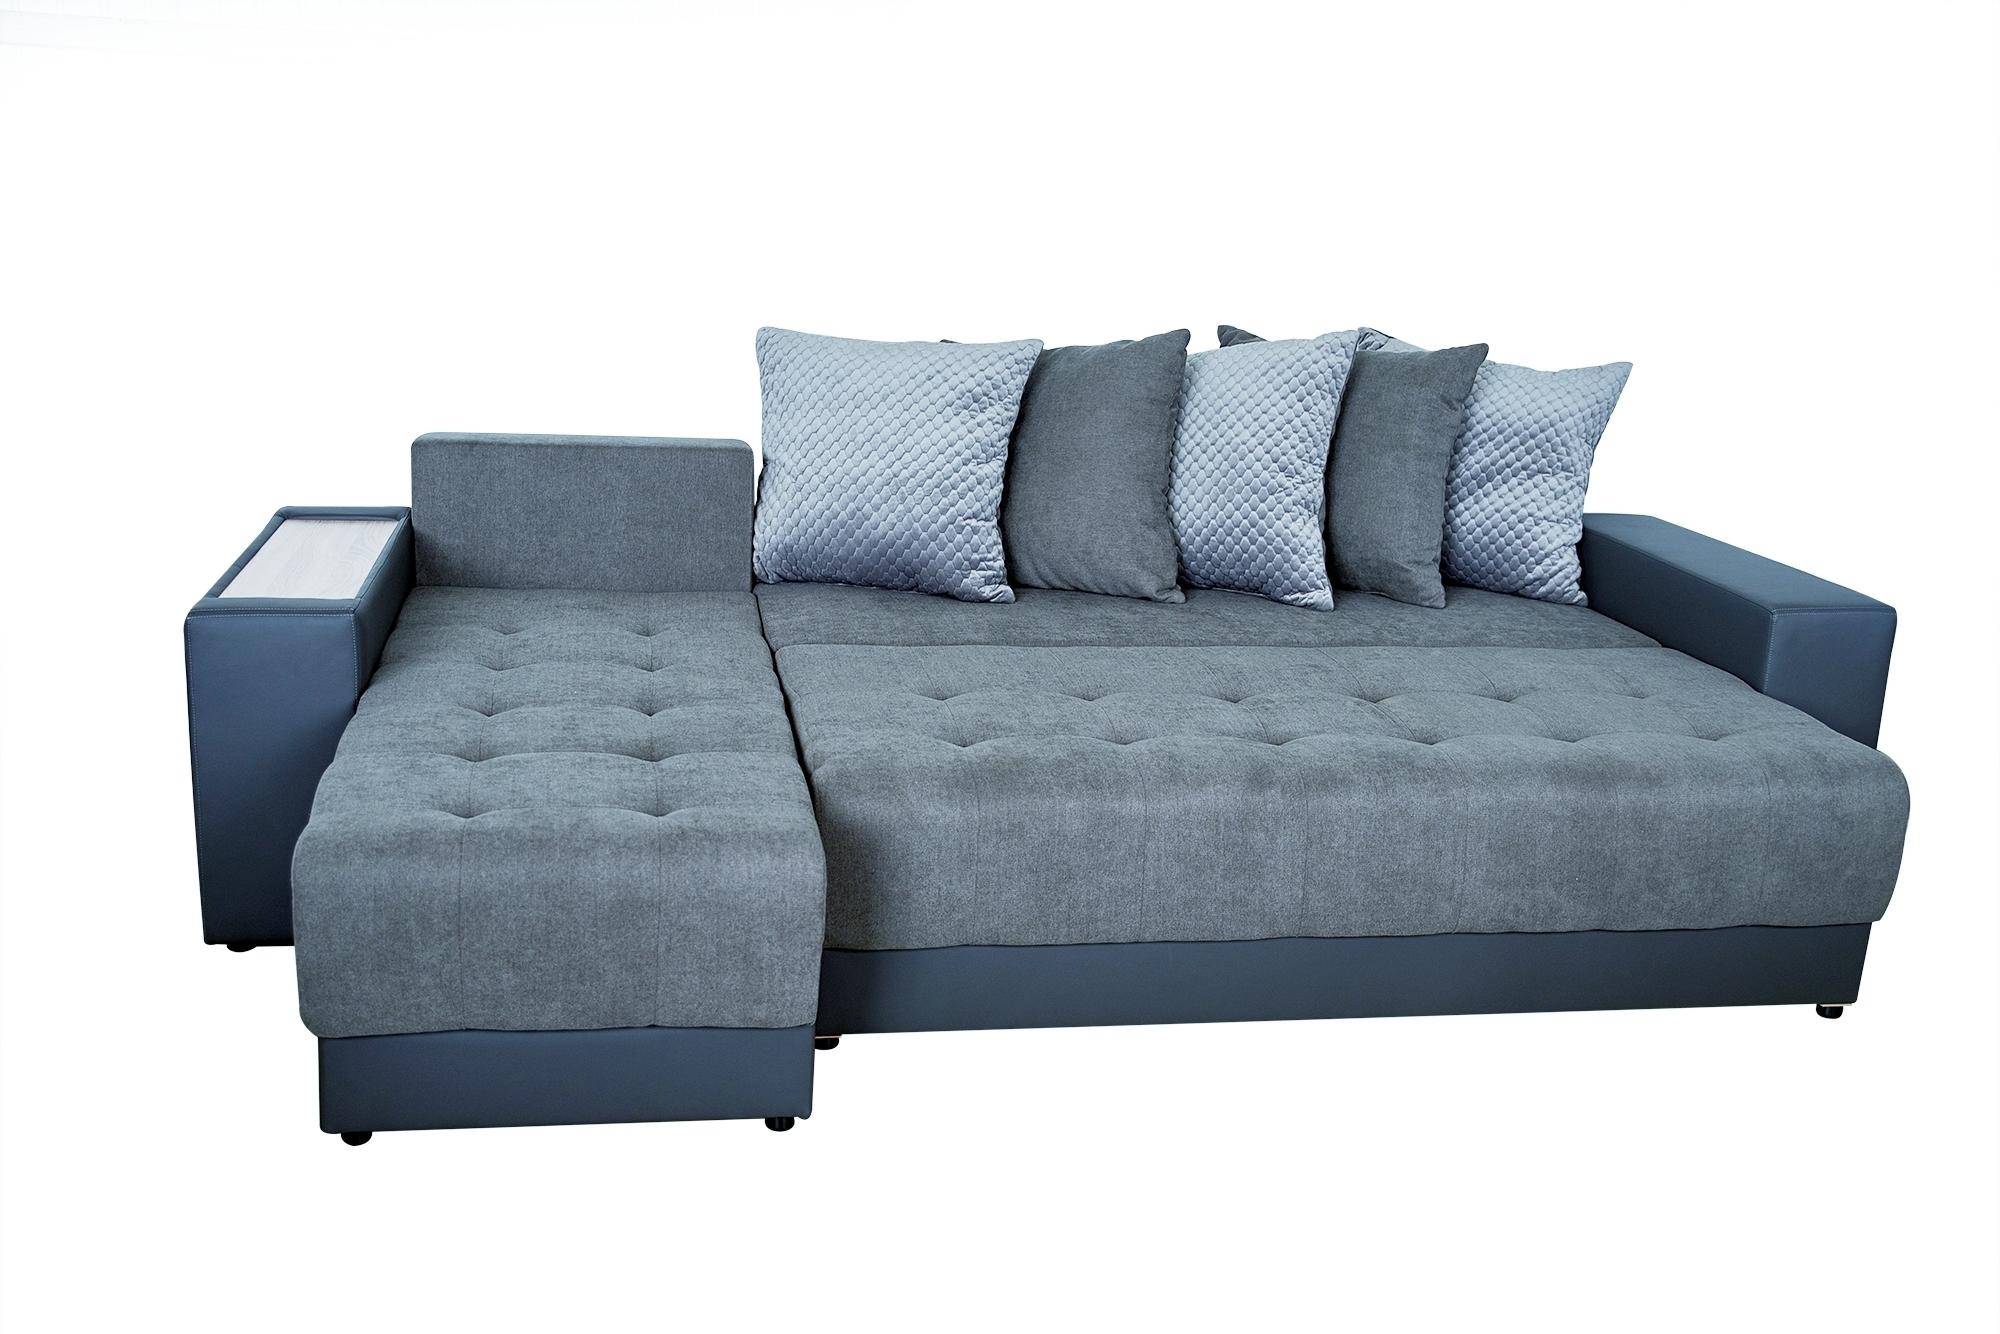 Купить угловой диван дубай виллы в салоу